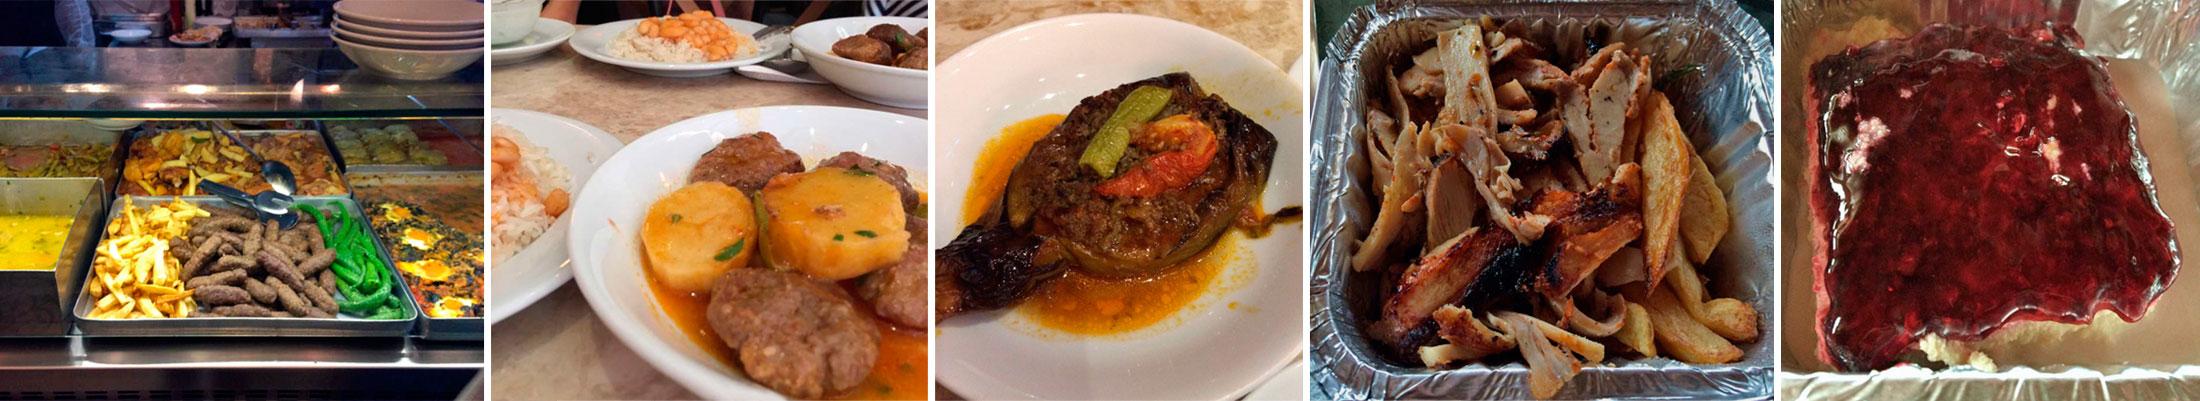 Comida casera en el restaurante Çelebi